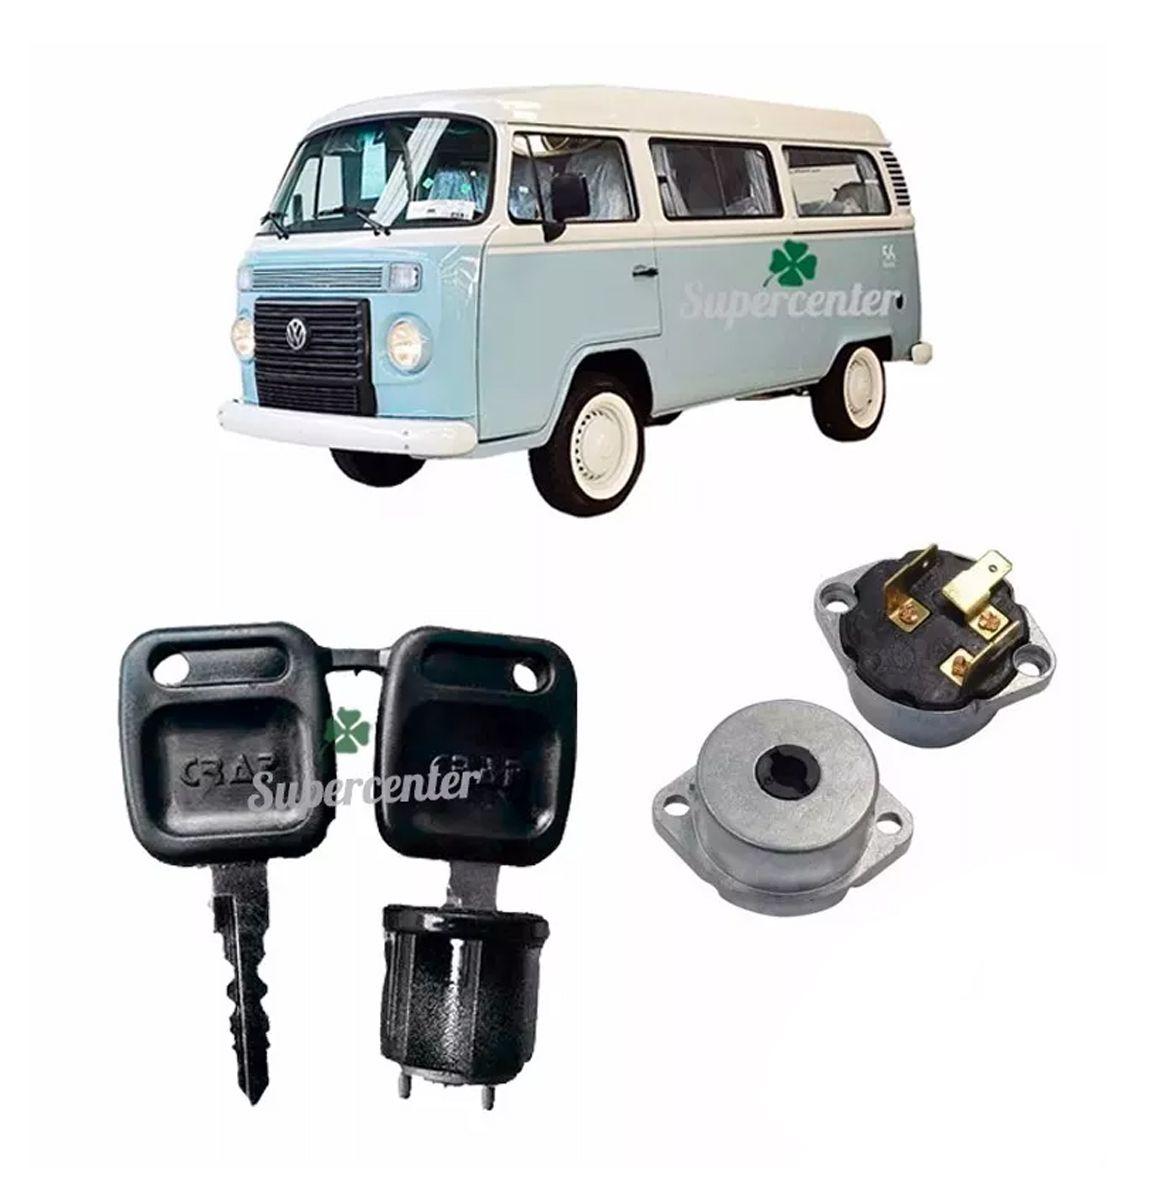 Kit Cilindro Ignição Chave Comutador Kombi De 1977 Até 1980